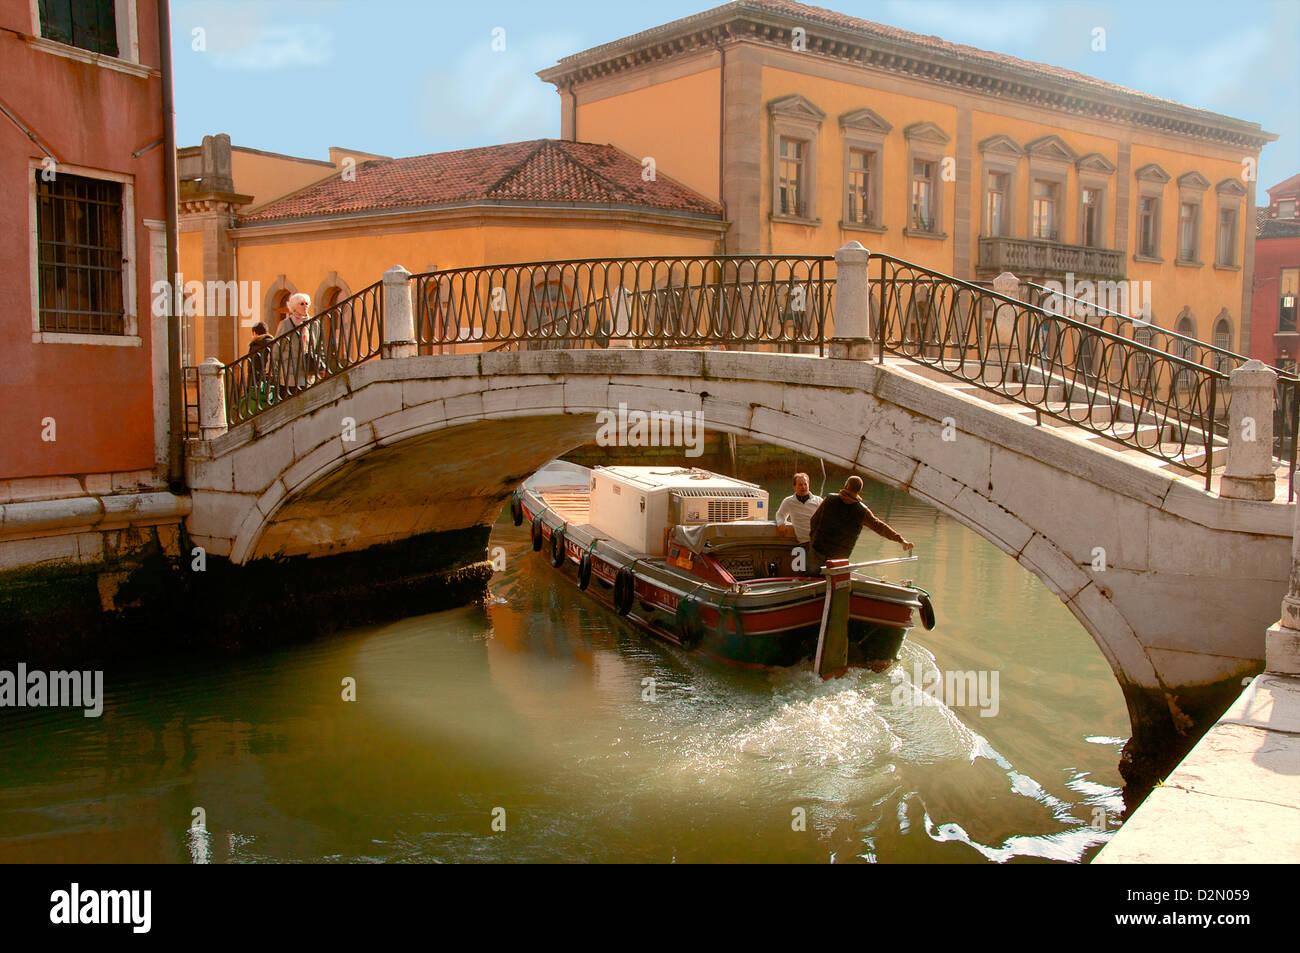 Pont sur canal avec bateau de marchandises, Venise, UNESCO World Heritage Site, Vénétie, Italie, Europe Photo Stock